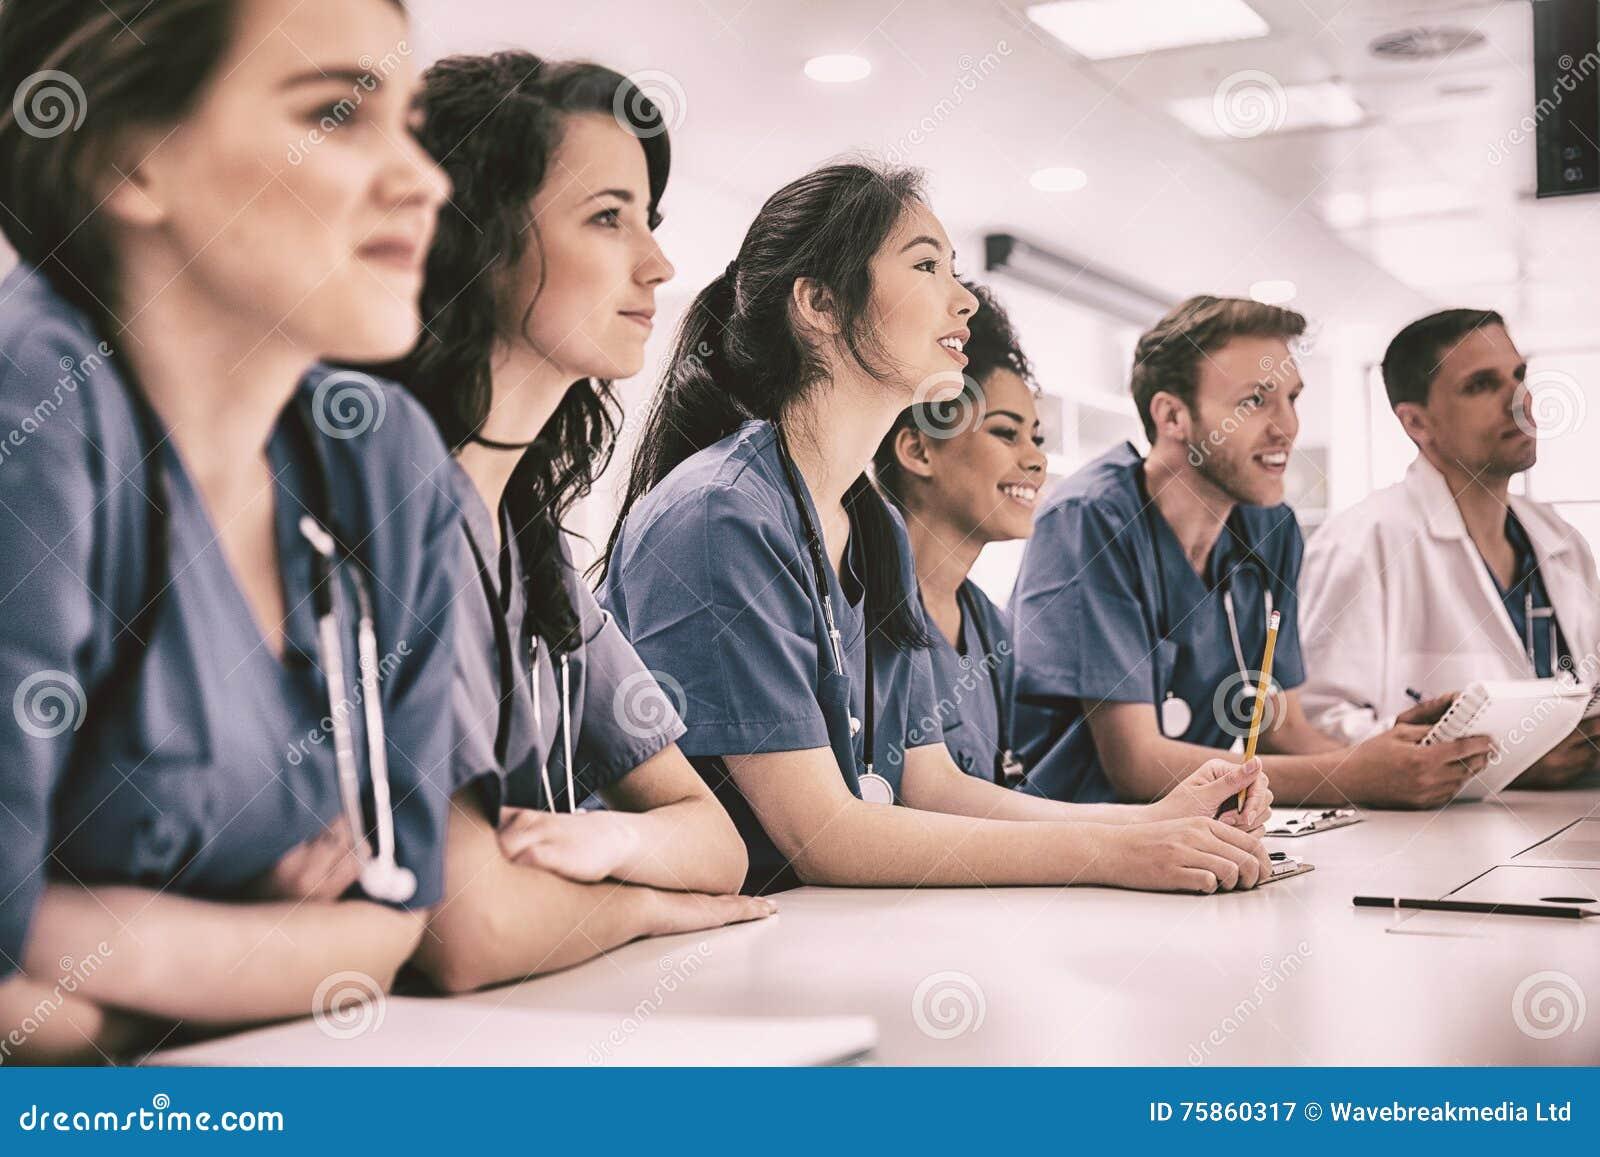 czy studenci medycyny łączą się